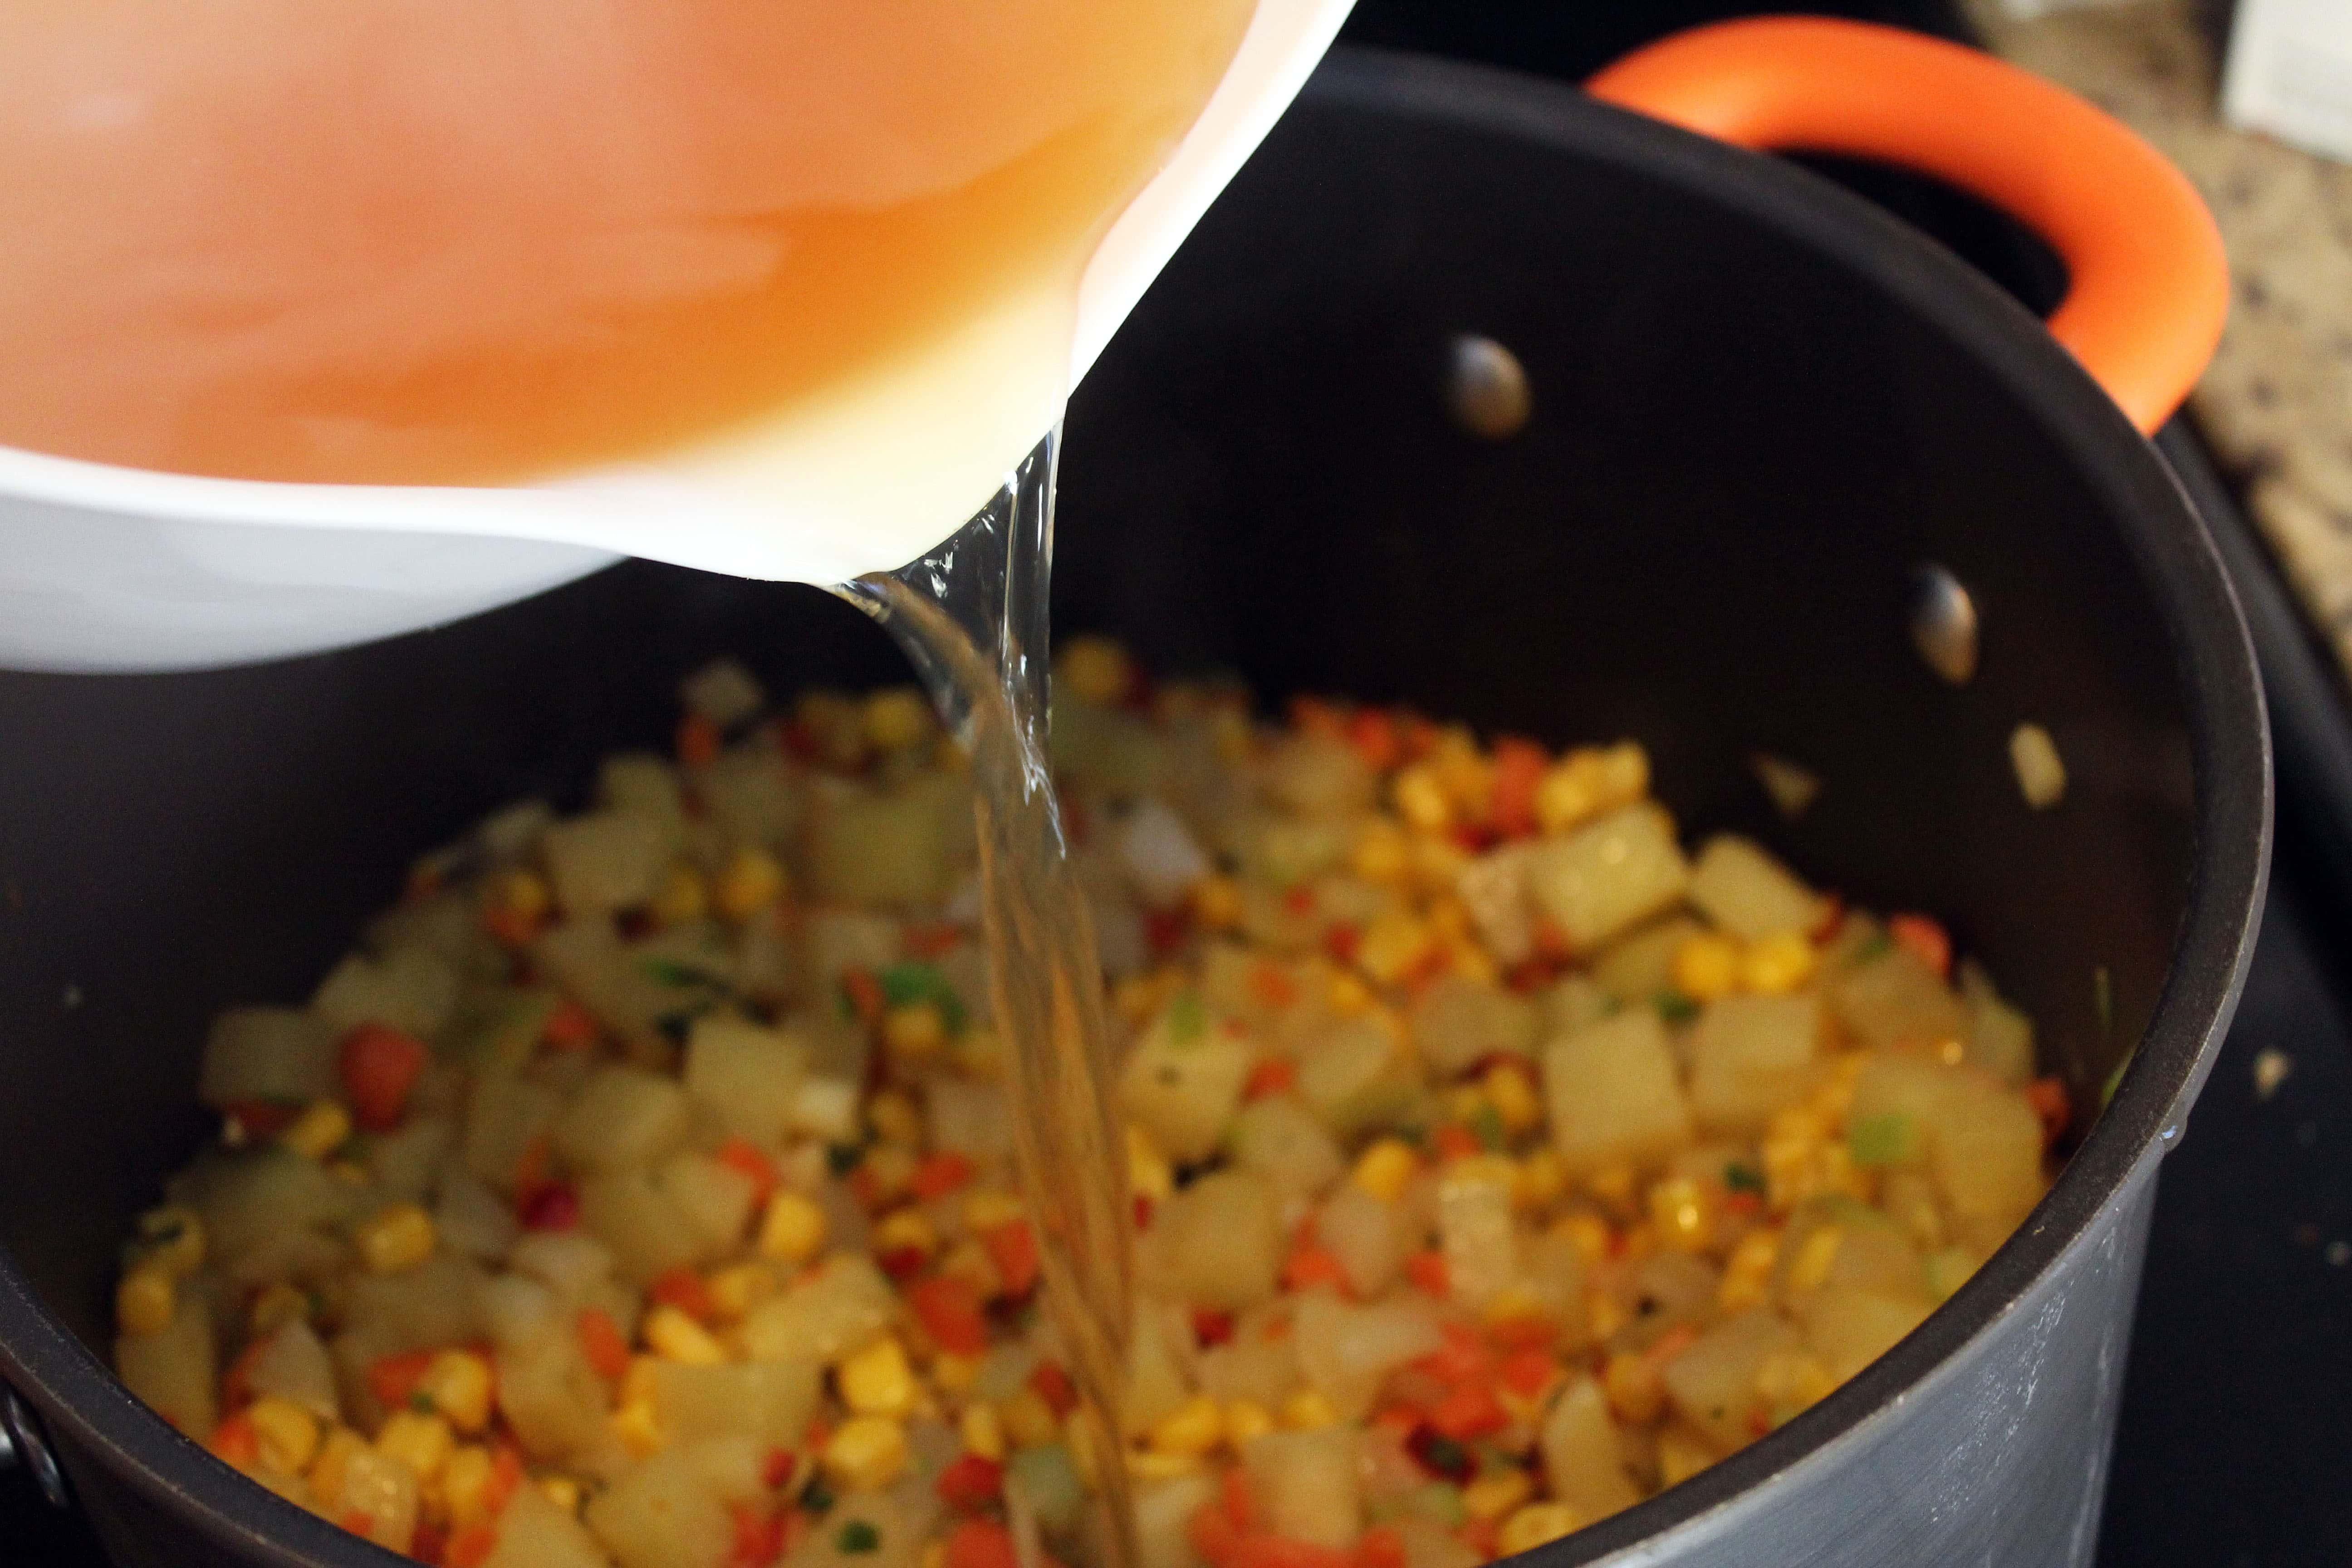 Add stock to sauteed veggies